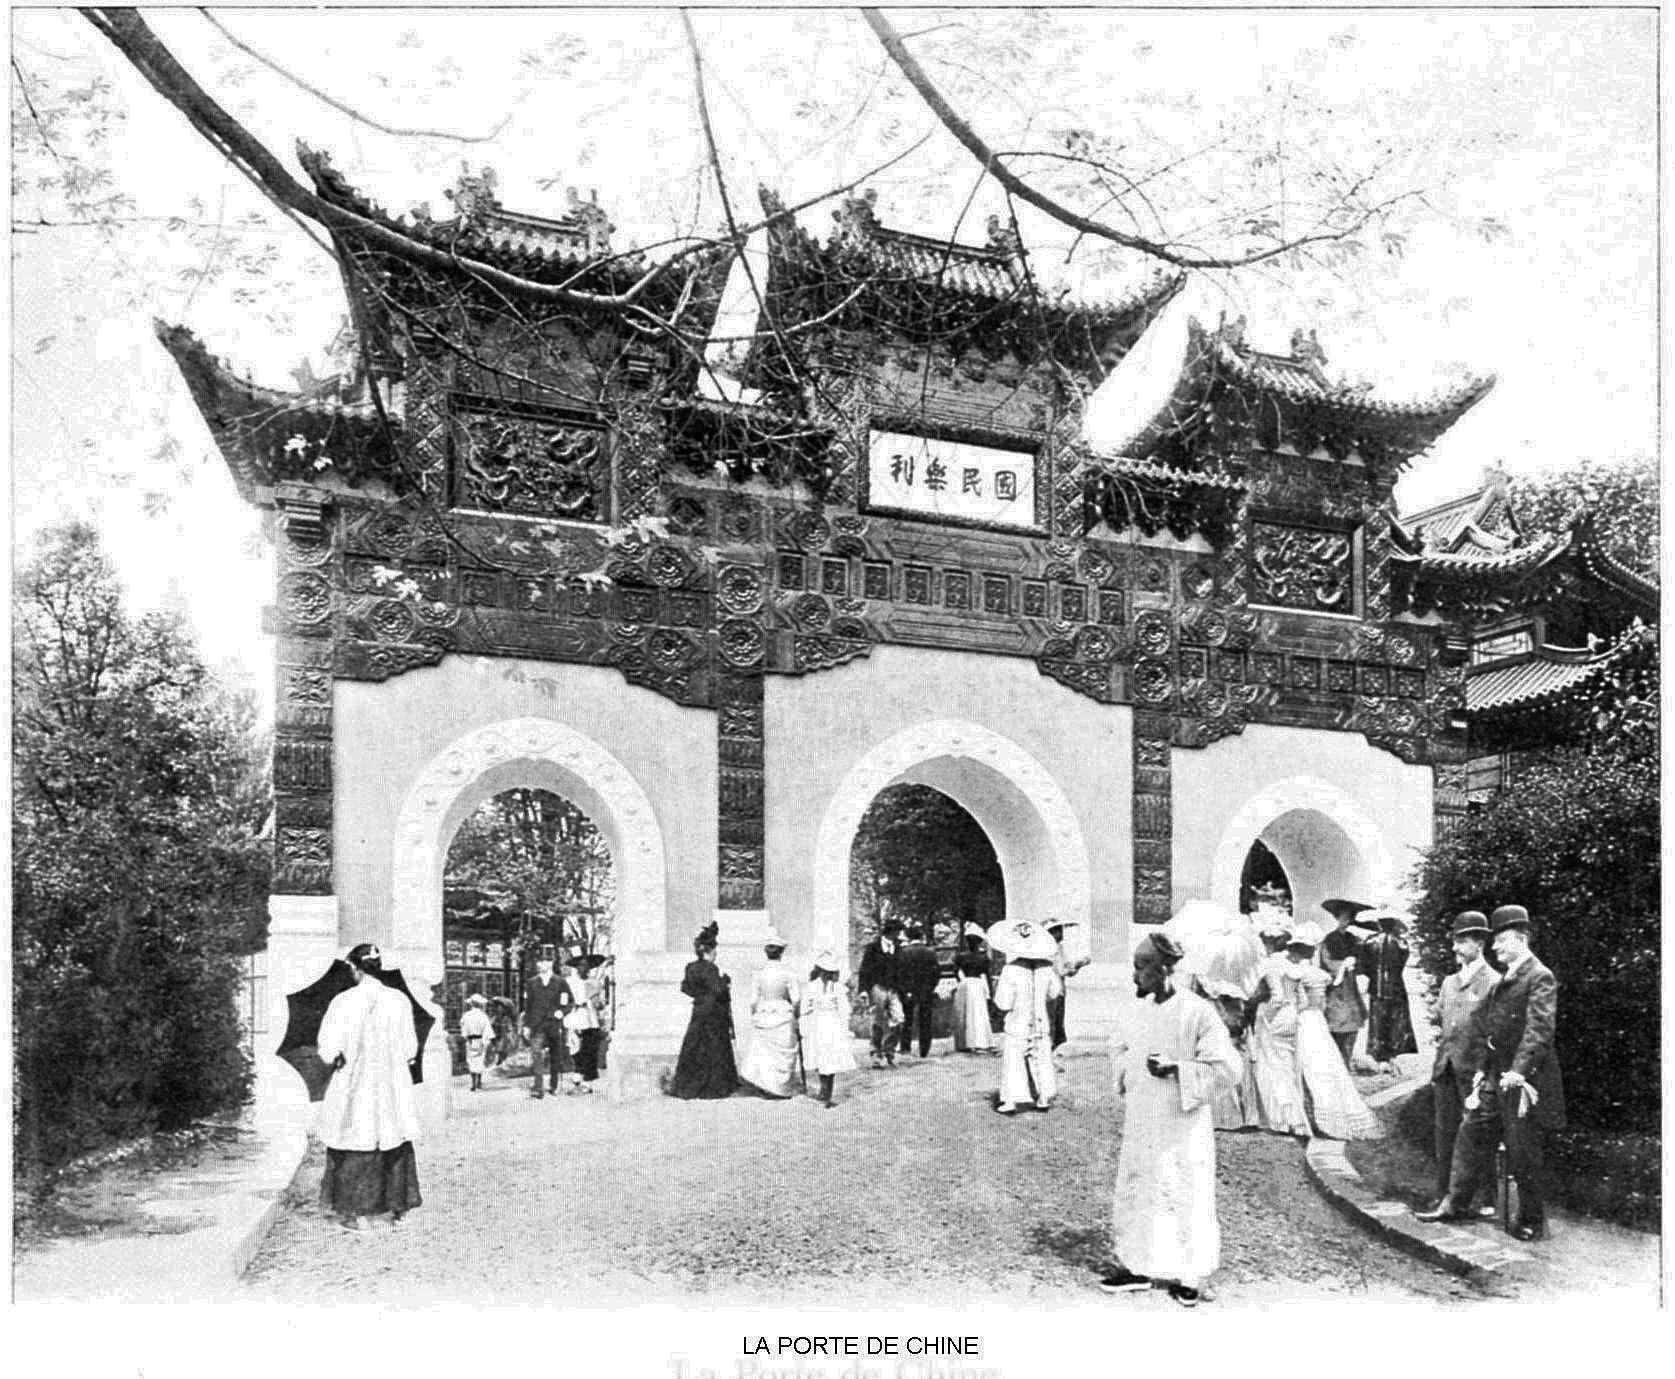 Ressources histoire exposition universelle 1900 la porte de chine